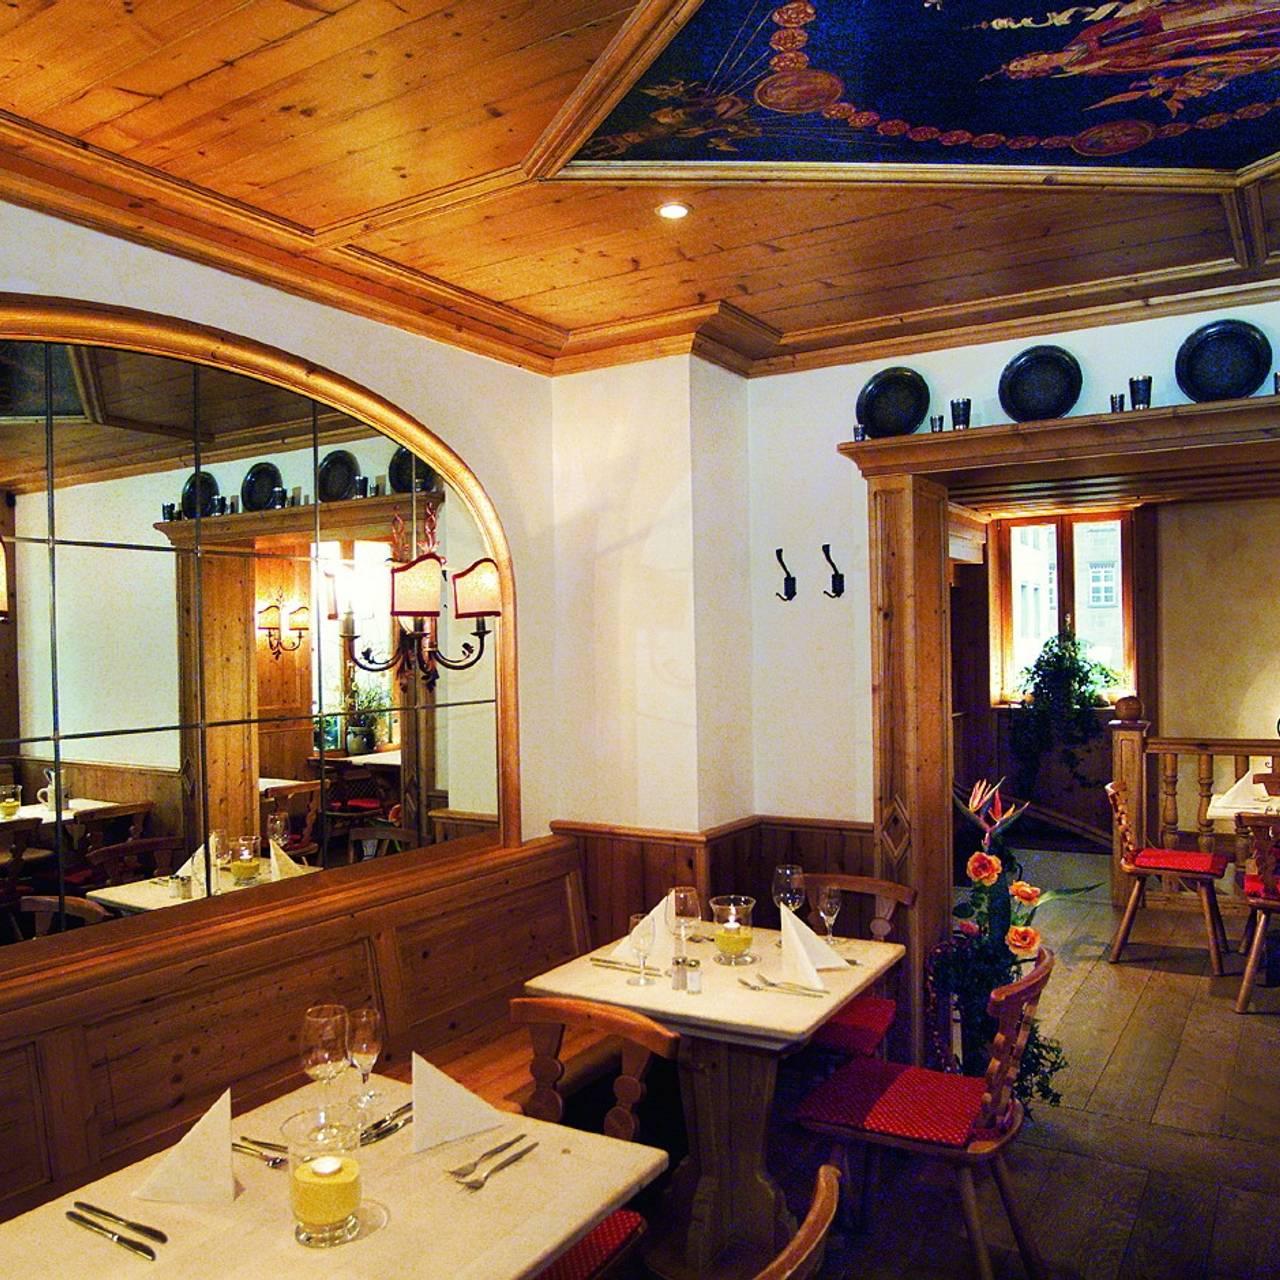 Einzimmer kuche bar nurnberg preise for Kuche restaurant